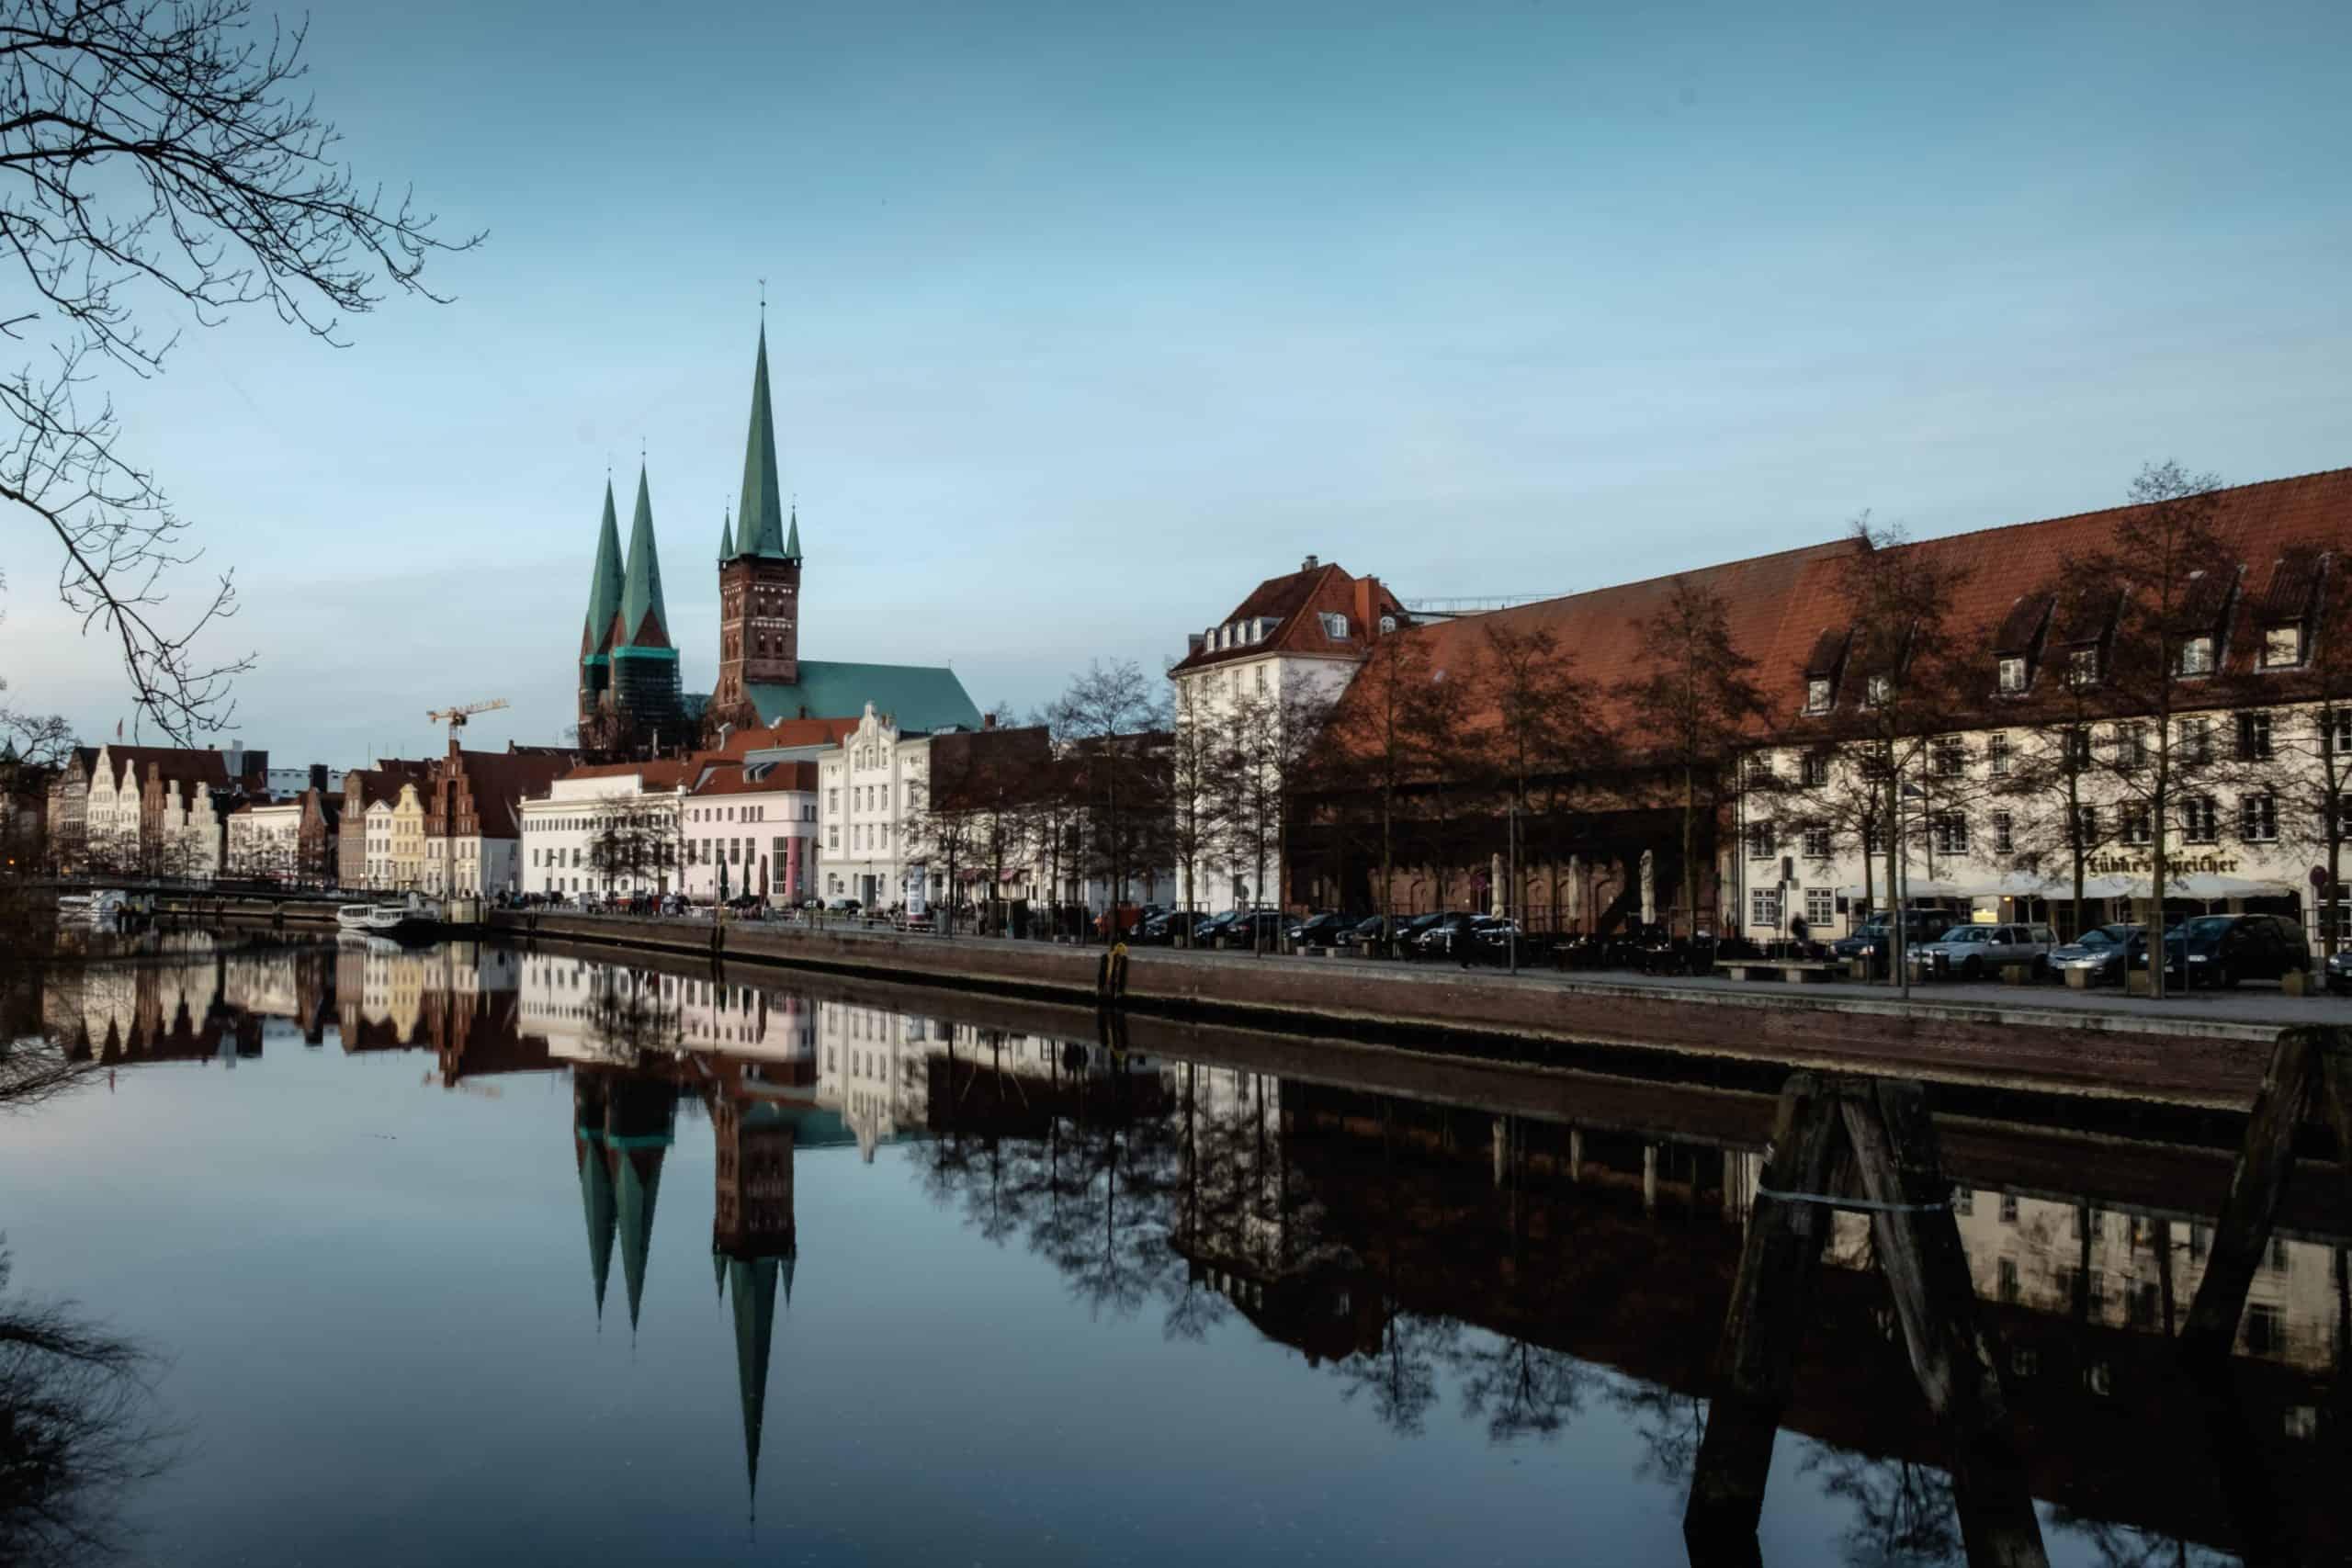 Liste der 3 größten Unternehmen in Lübeck